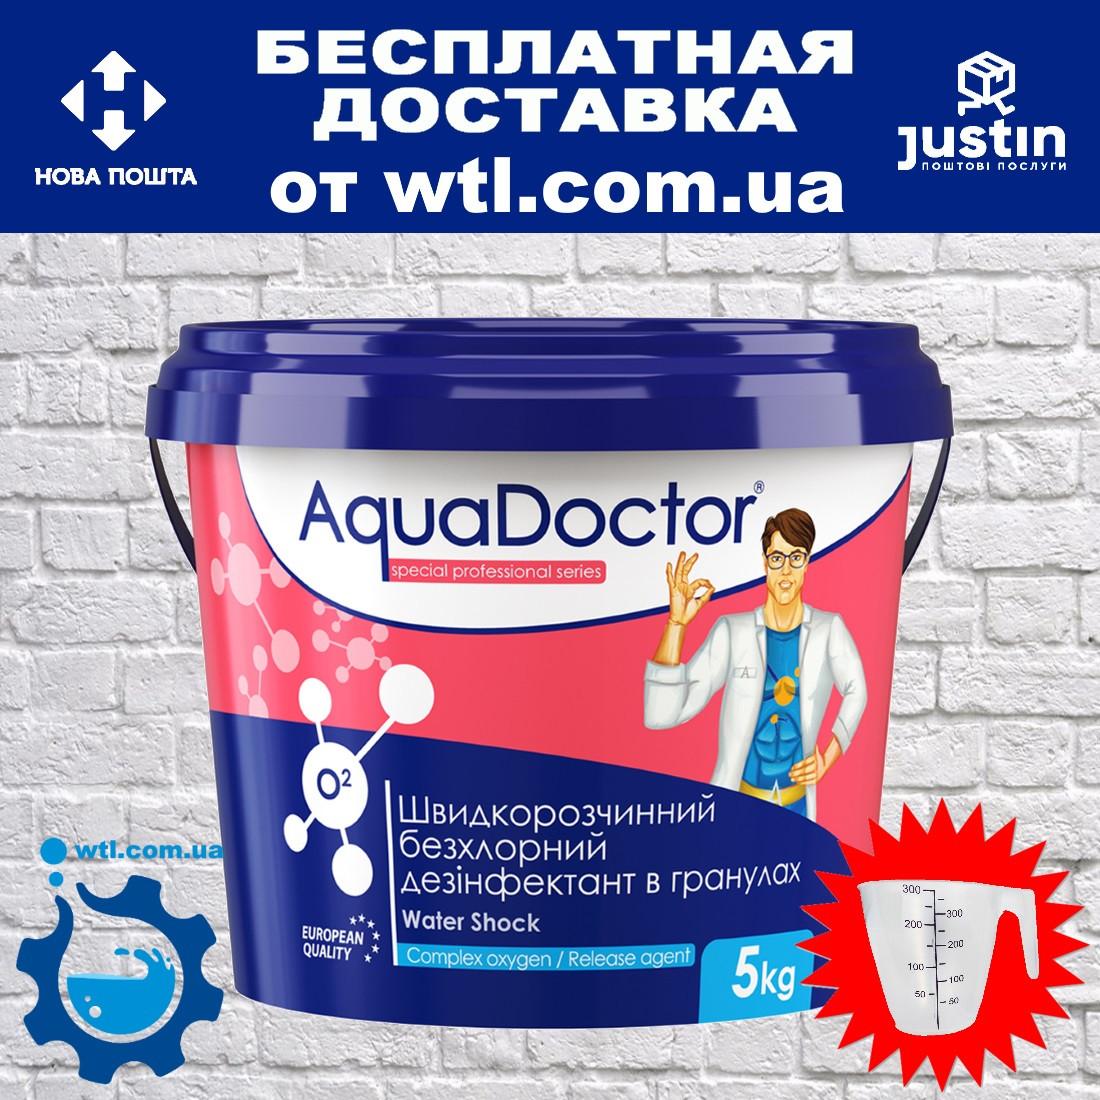 Бесхлорная химия для бассейна на основе активного кислорода Aquadoctor Water Shock О2 5 кг Аквадоктор